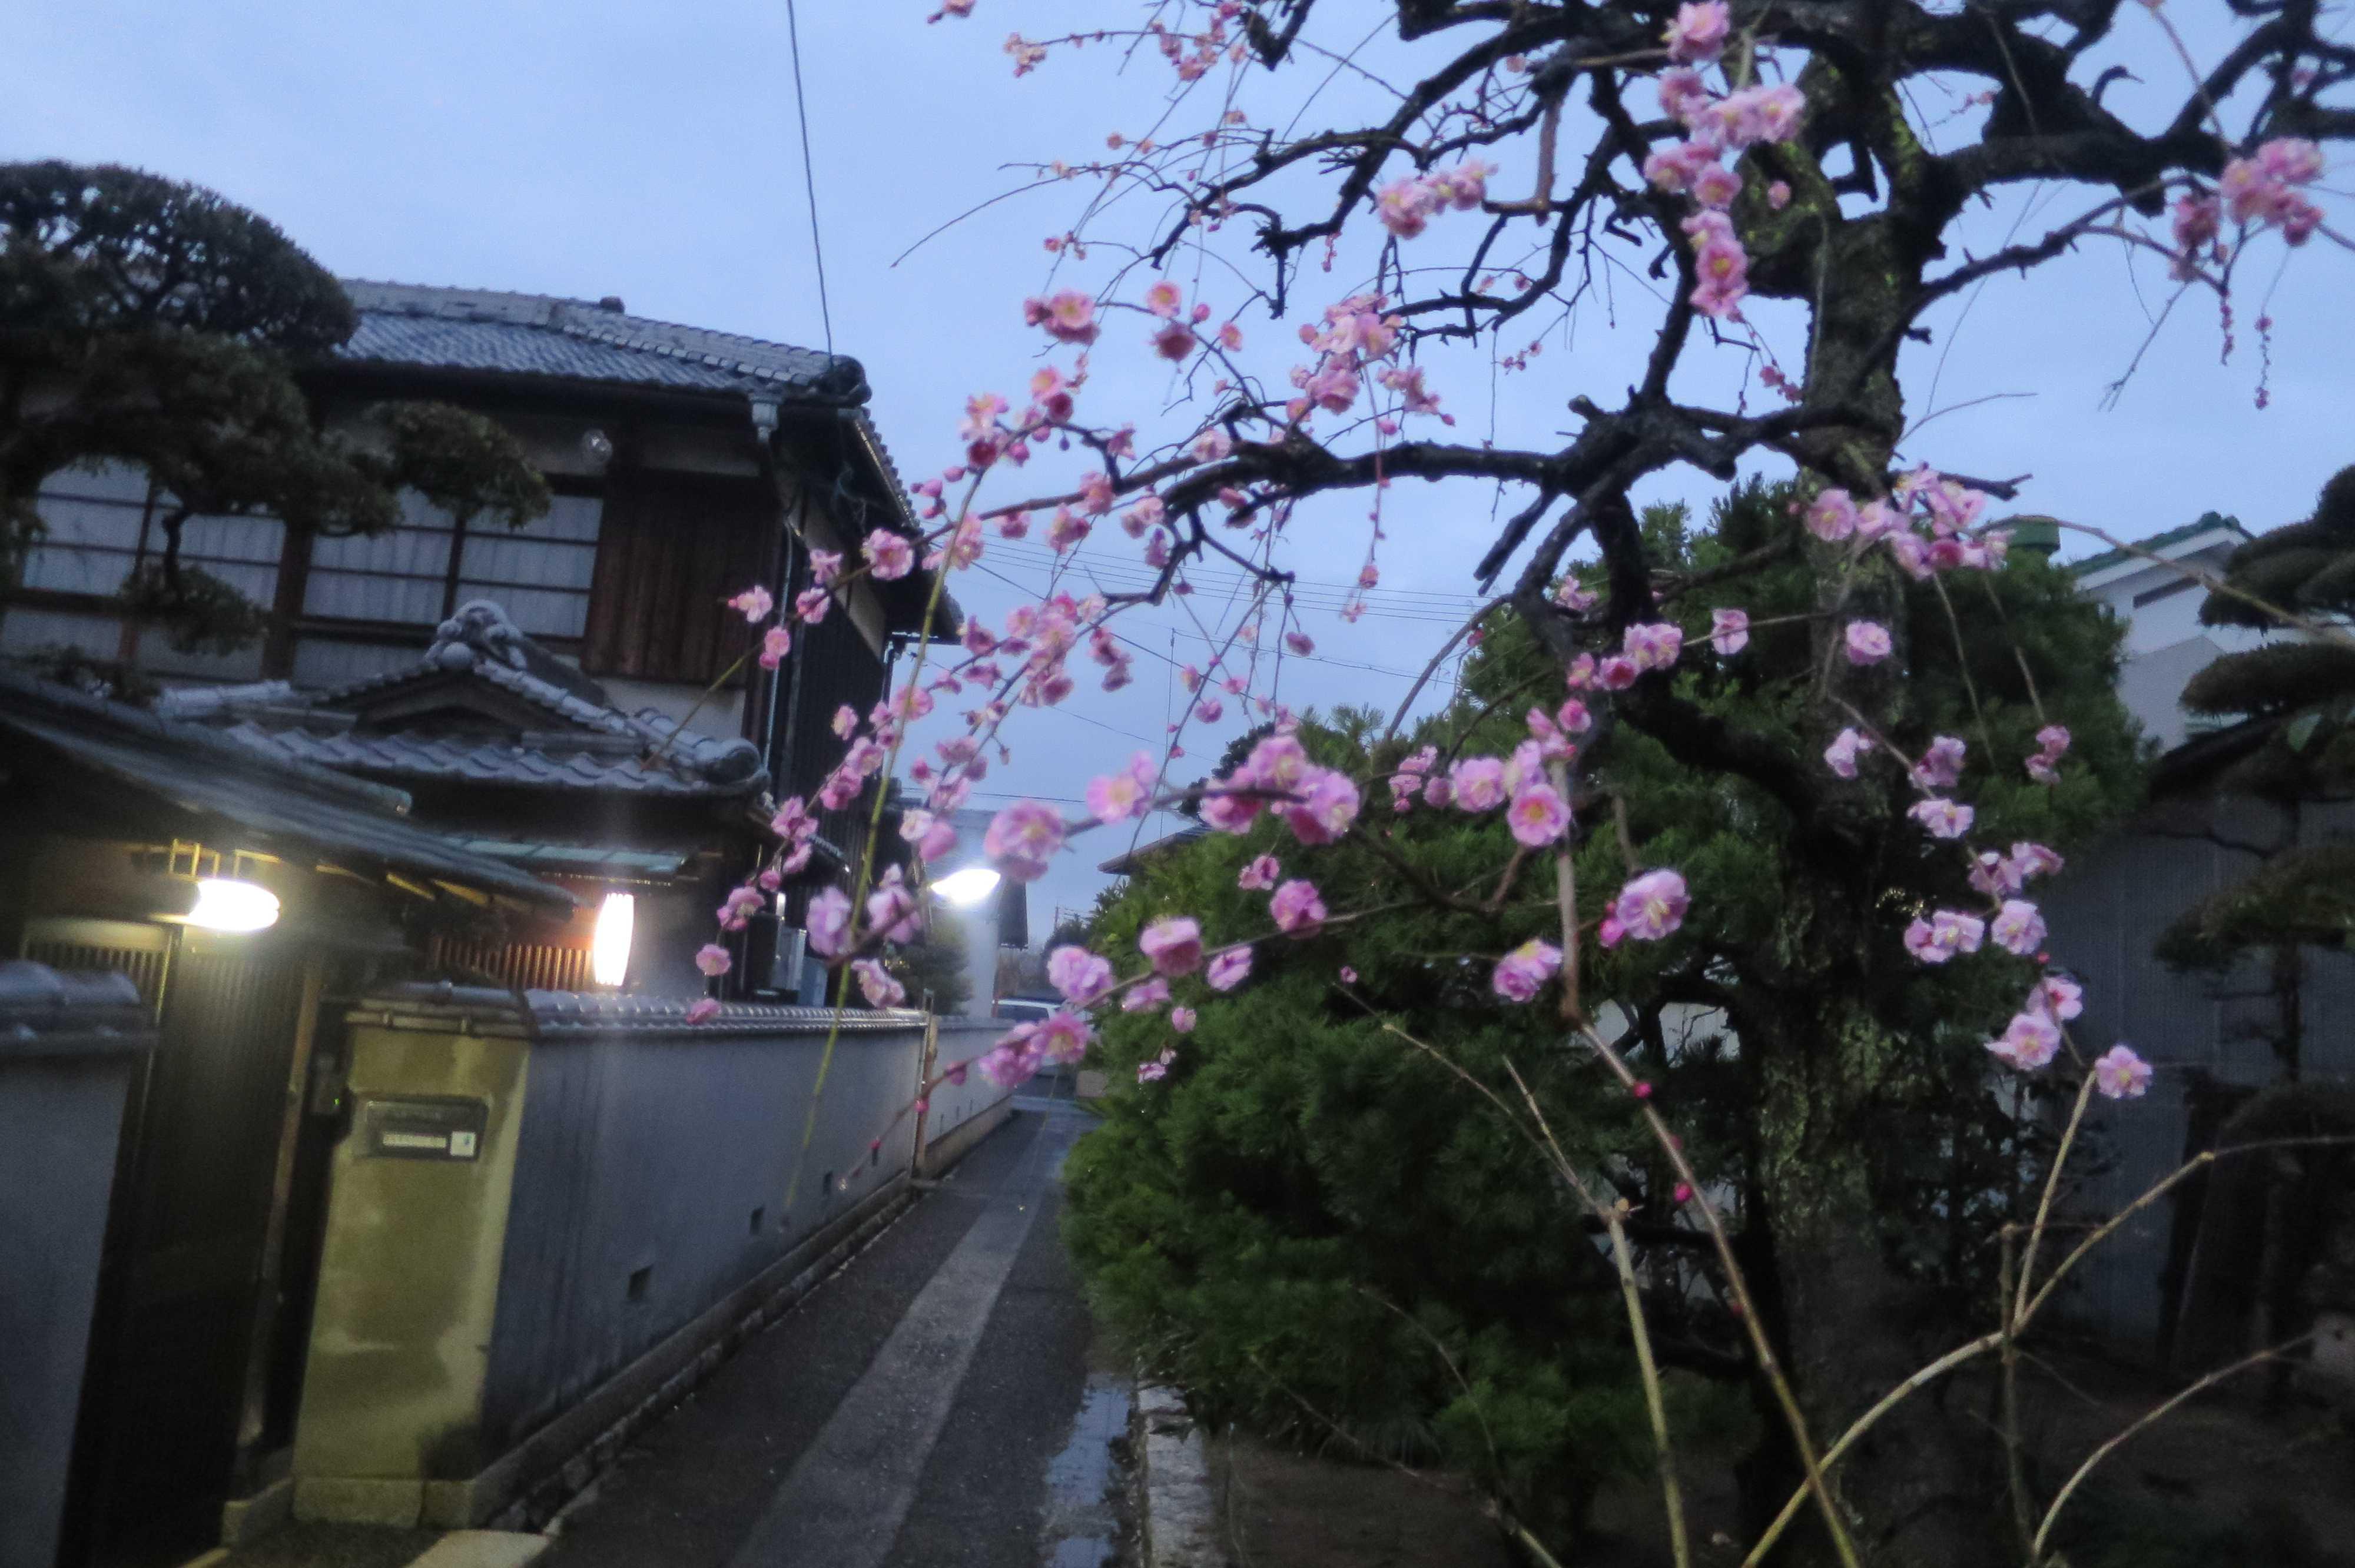 西大寺 - 紅梅